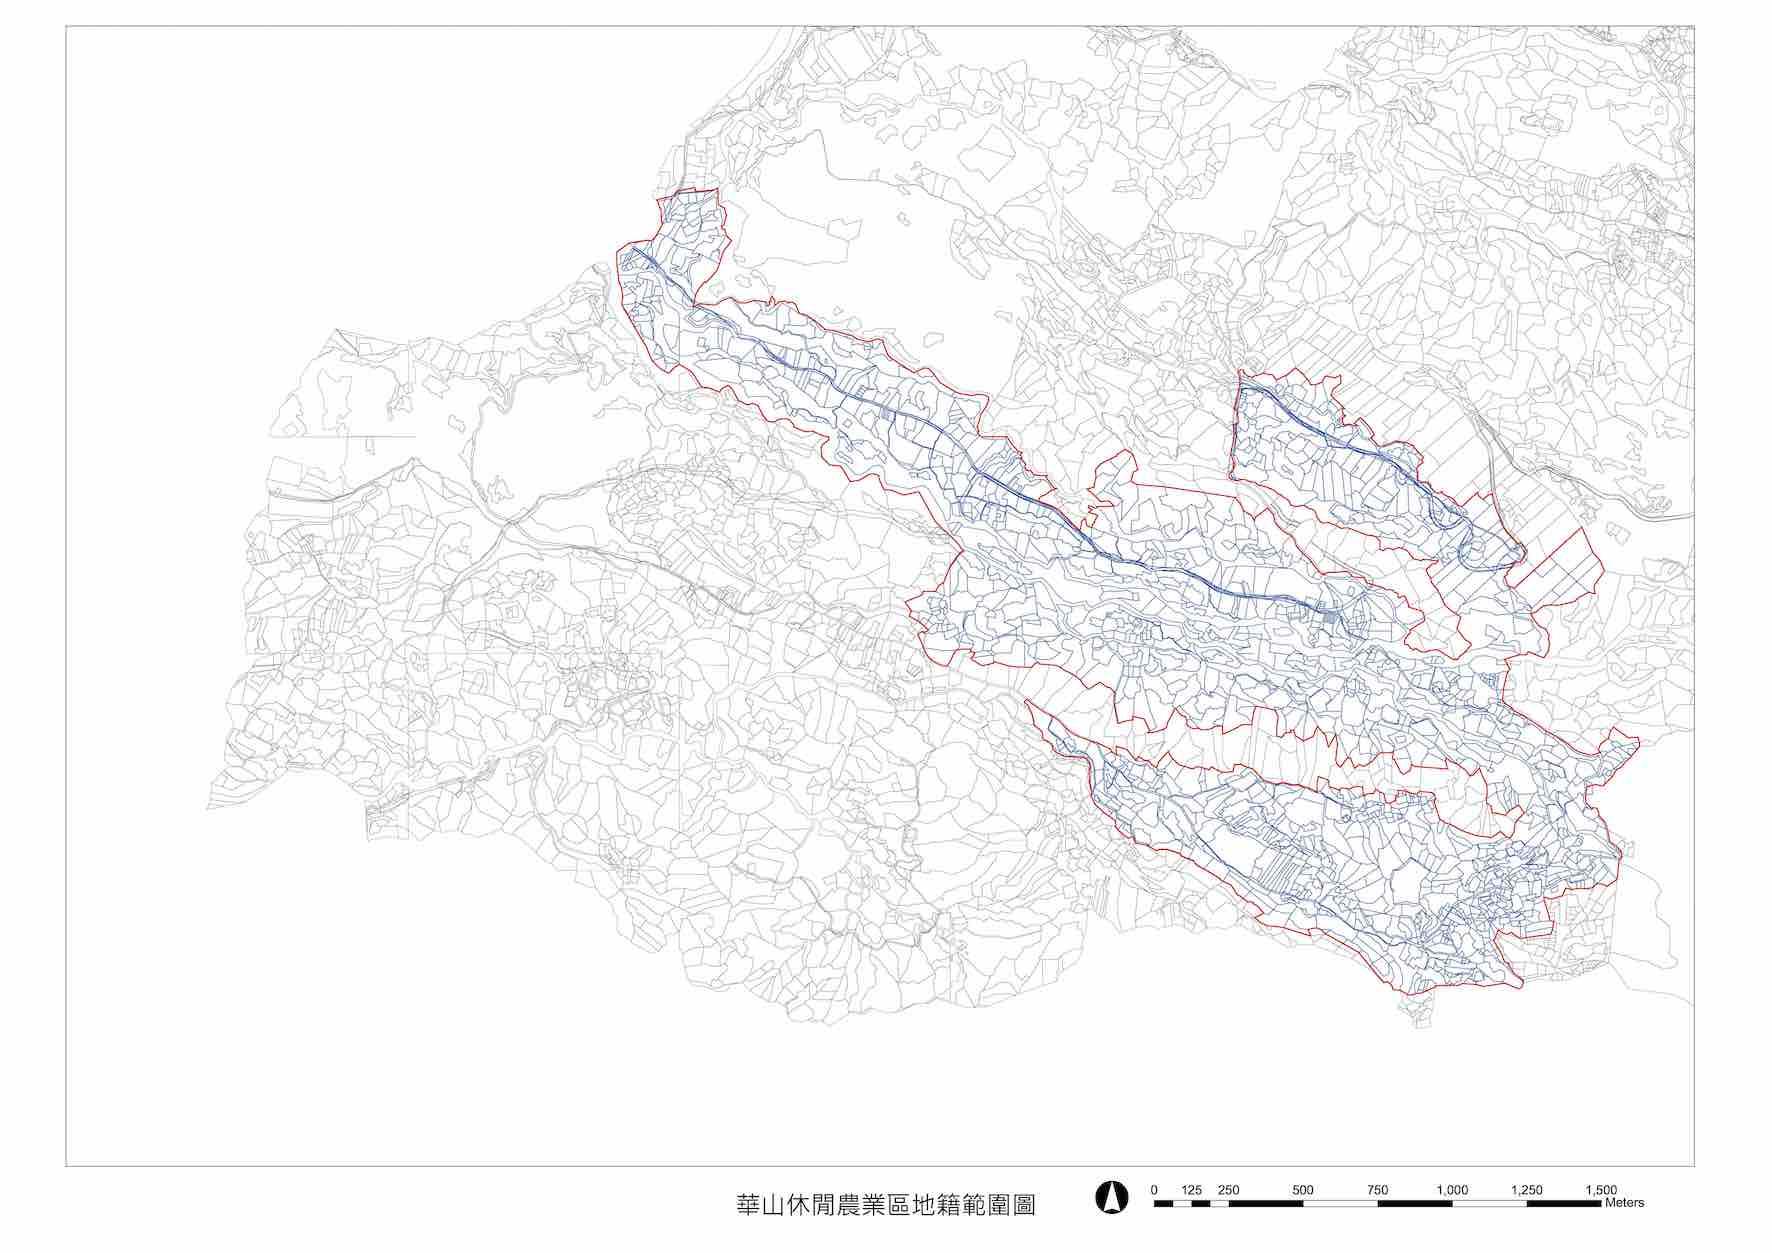 華山休閒農業區地籍範圍